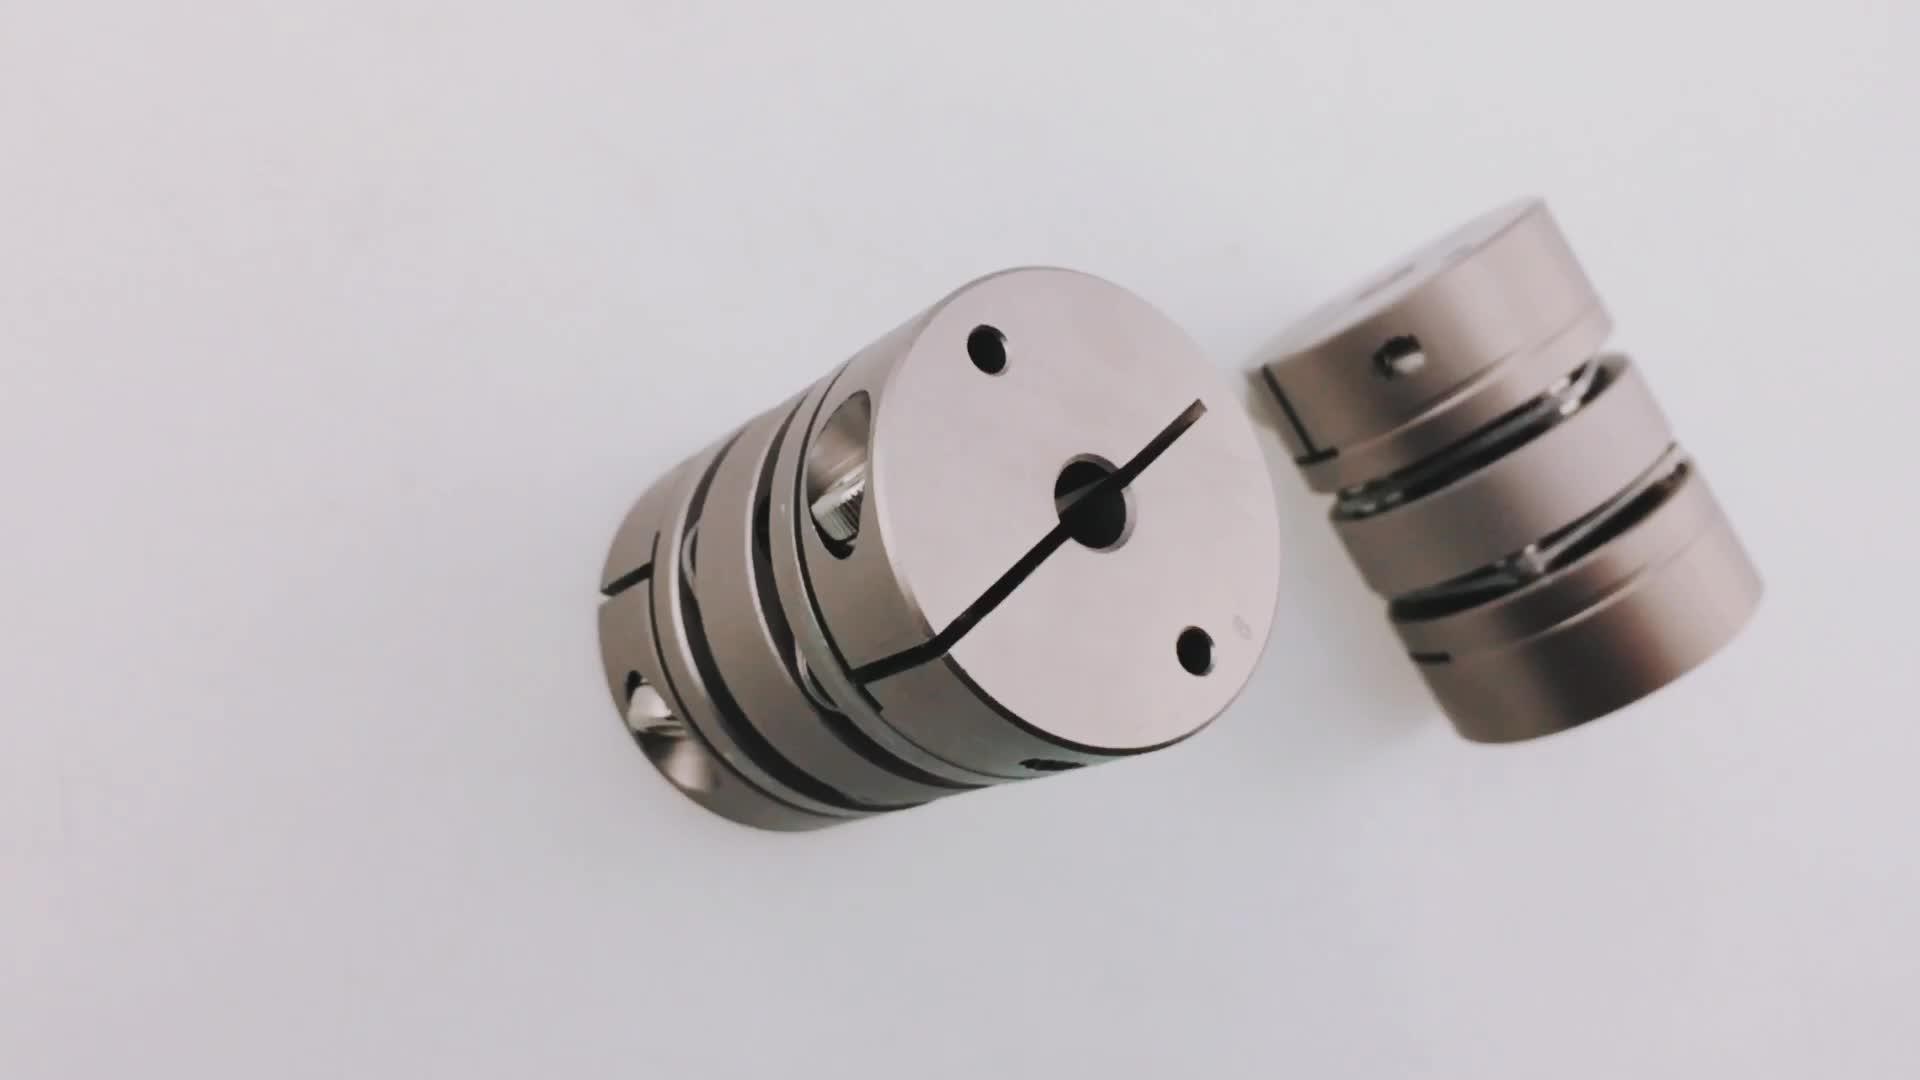 LD2-D34L45 stainless steel Flexible Shaft Diaphragm coupling for Servo motor